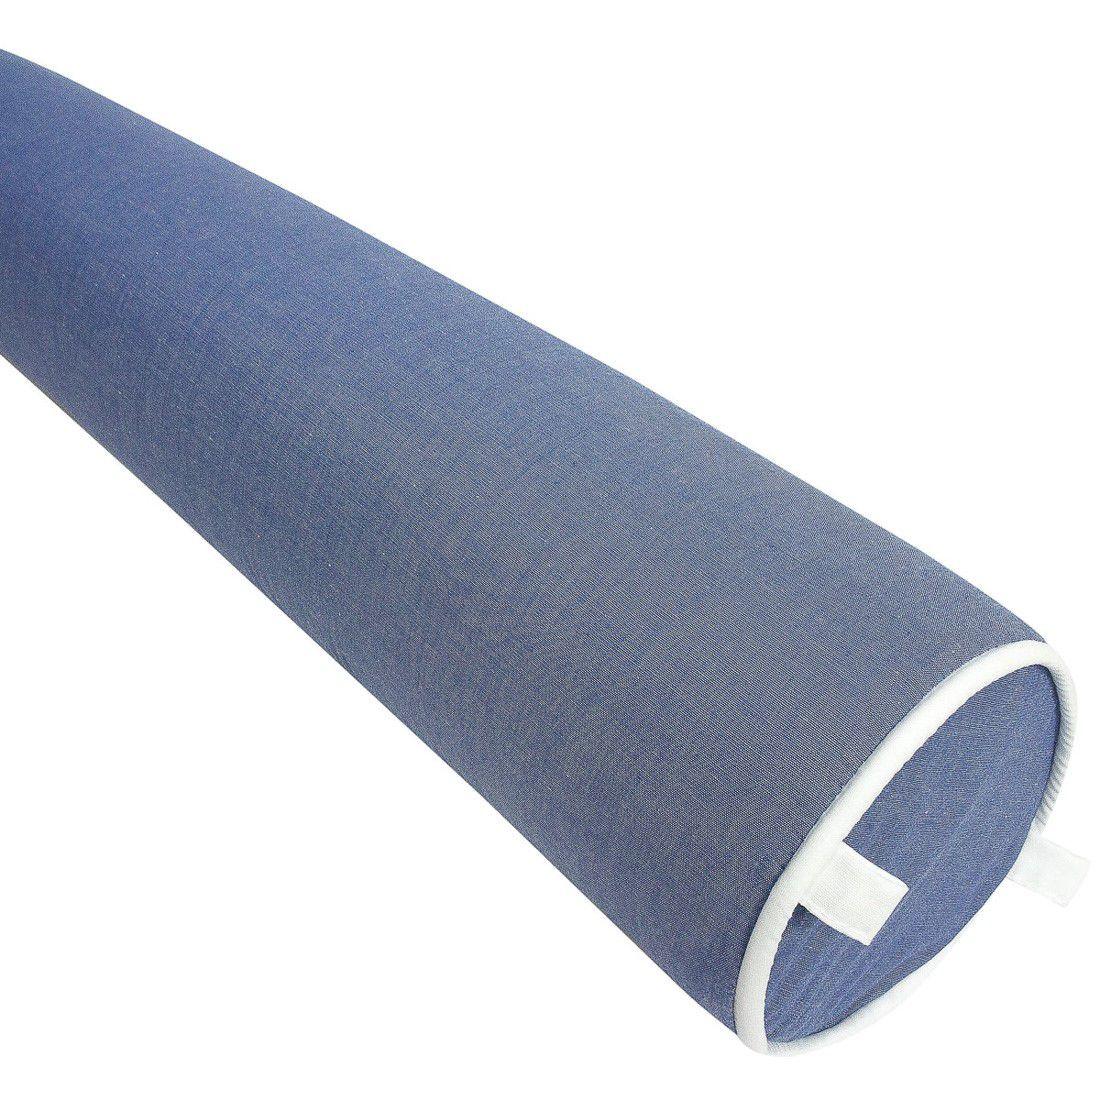 Rolo lateral para berço 130 cm azul jeans